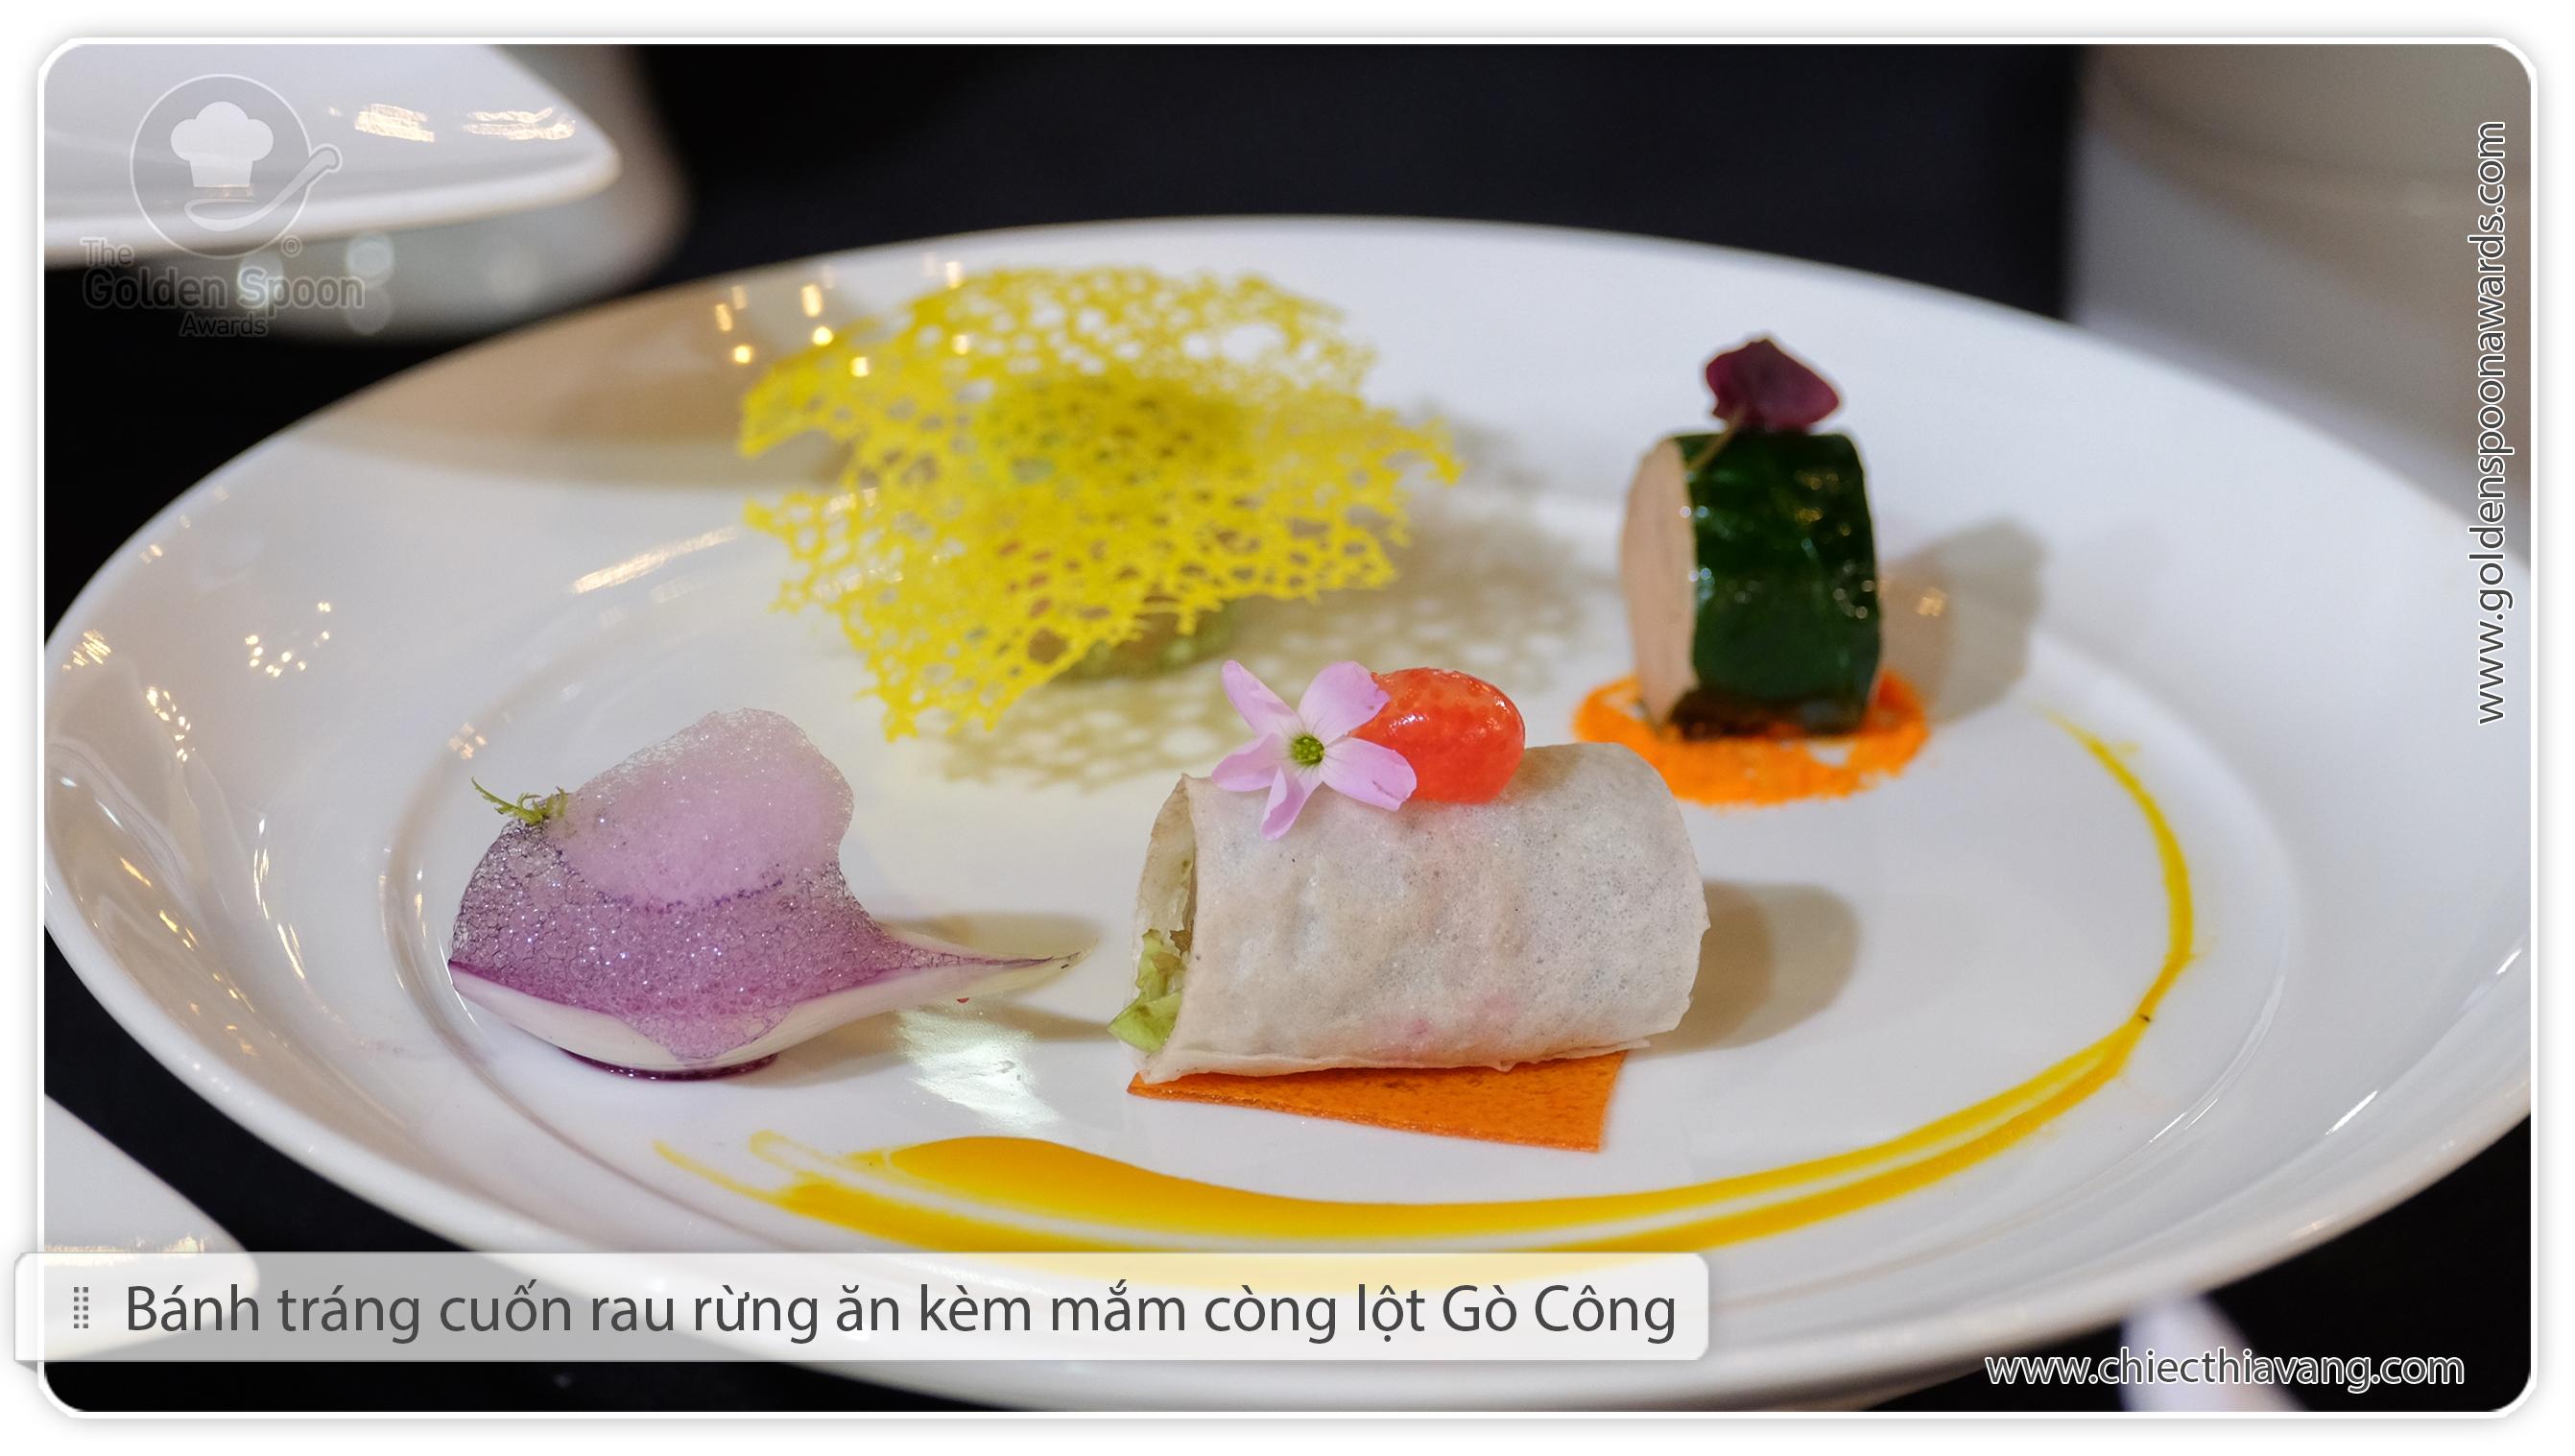 Nghệ thuật trang trí trên món ăn của các đầu bếp Khu Du lịch Bình Quới 1 (vòng bán kết phía Nam cuộc thi Chiếc Thìa Vàng 2015)